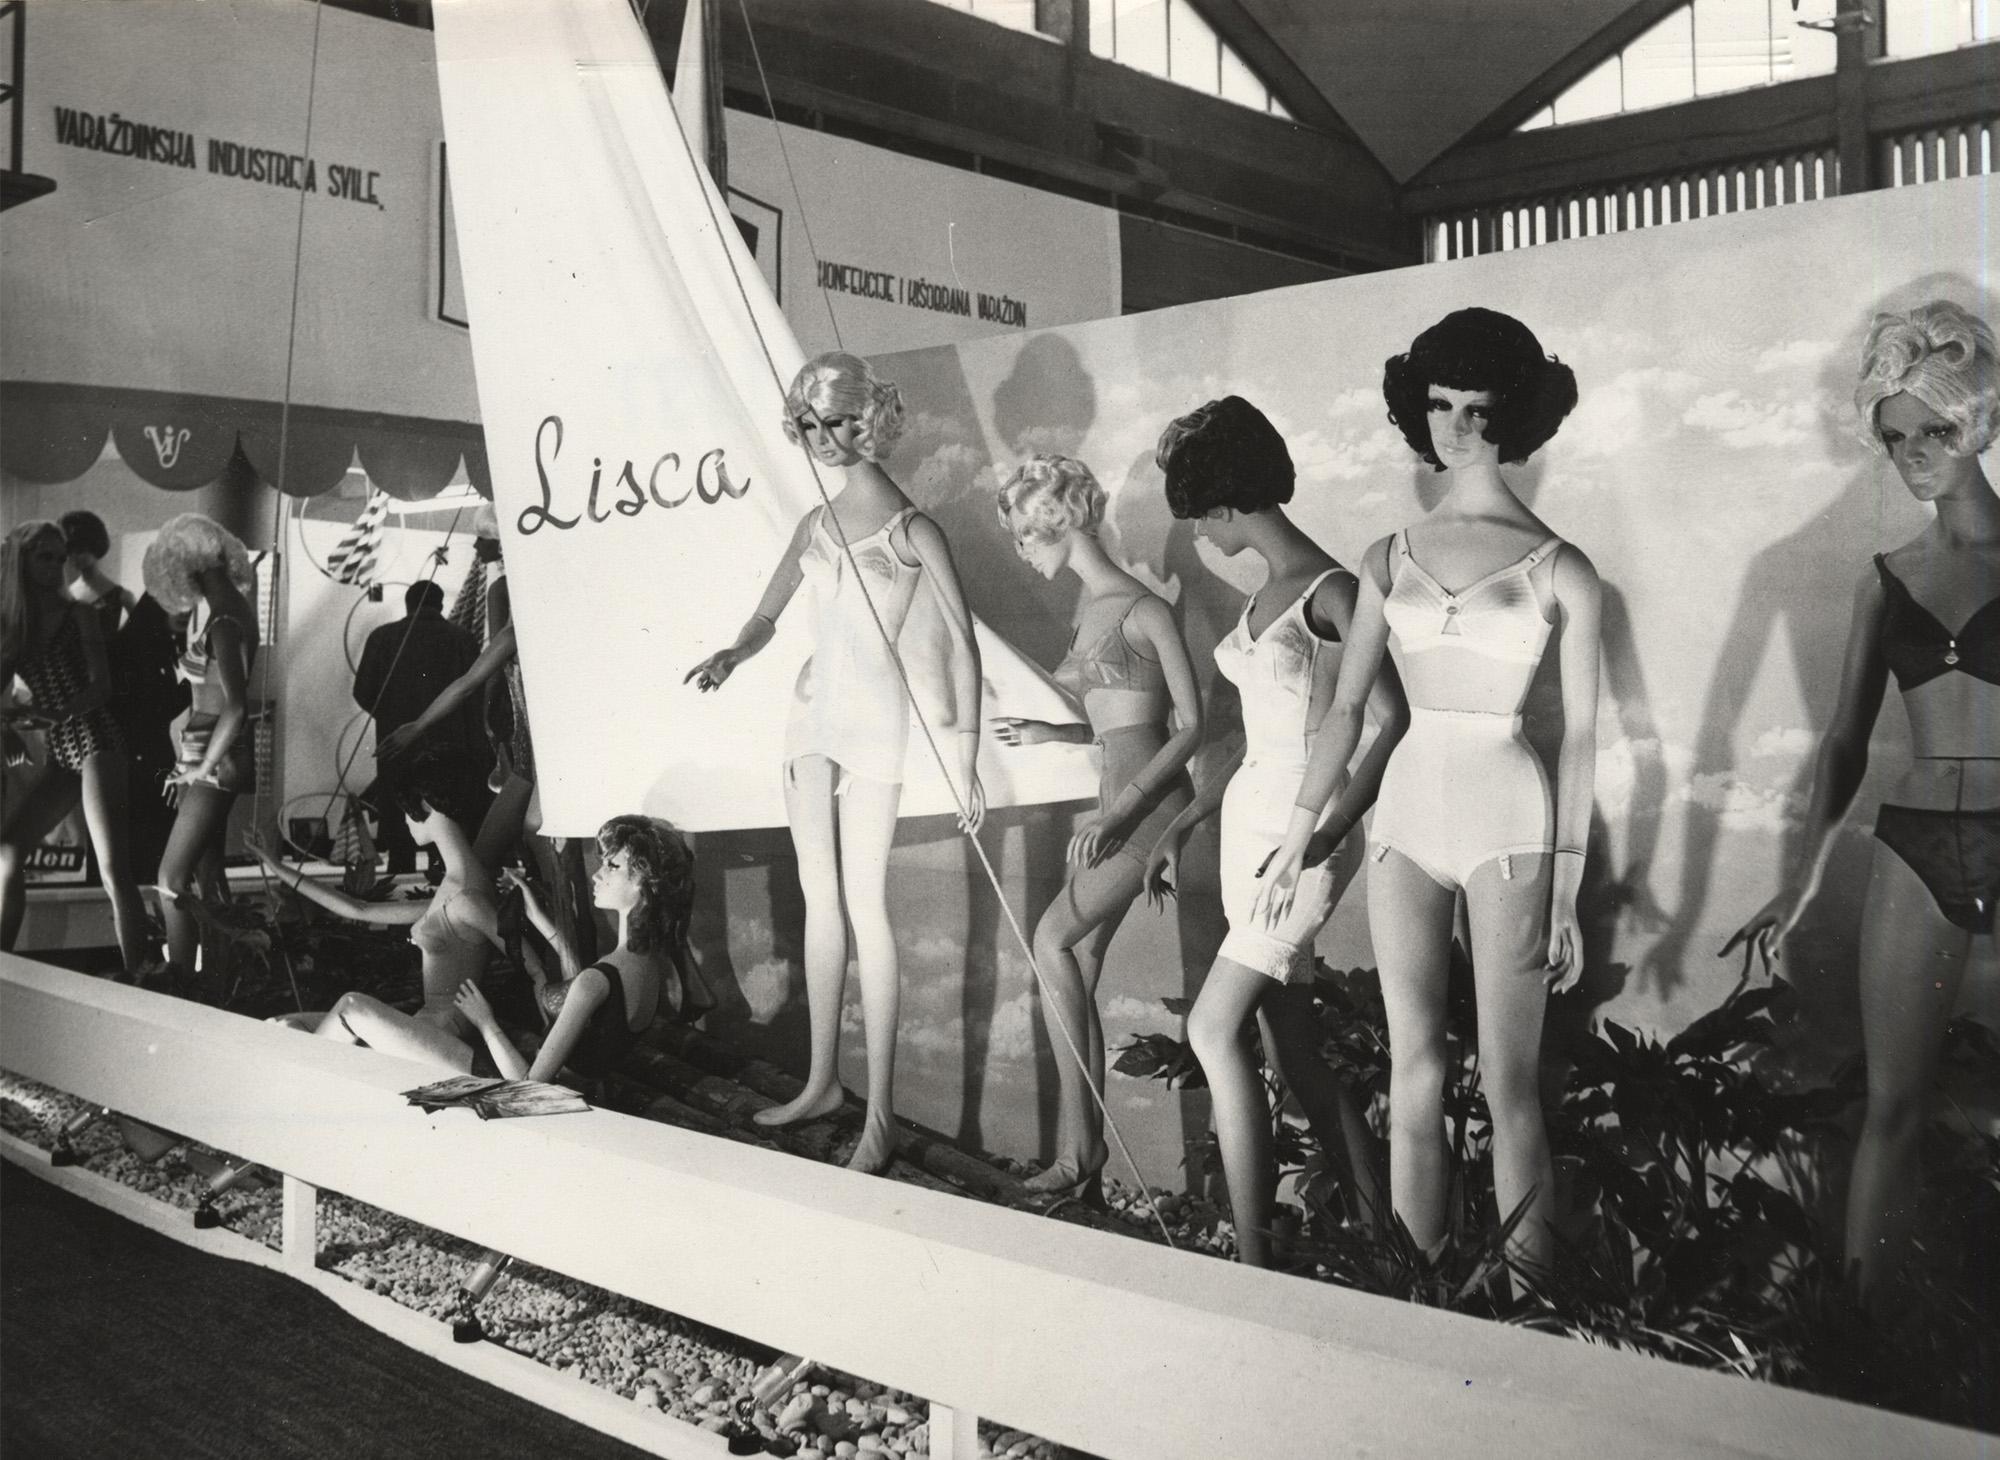 Lisca 1969